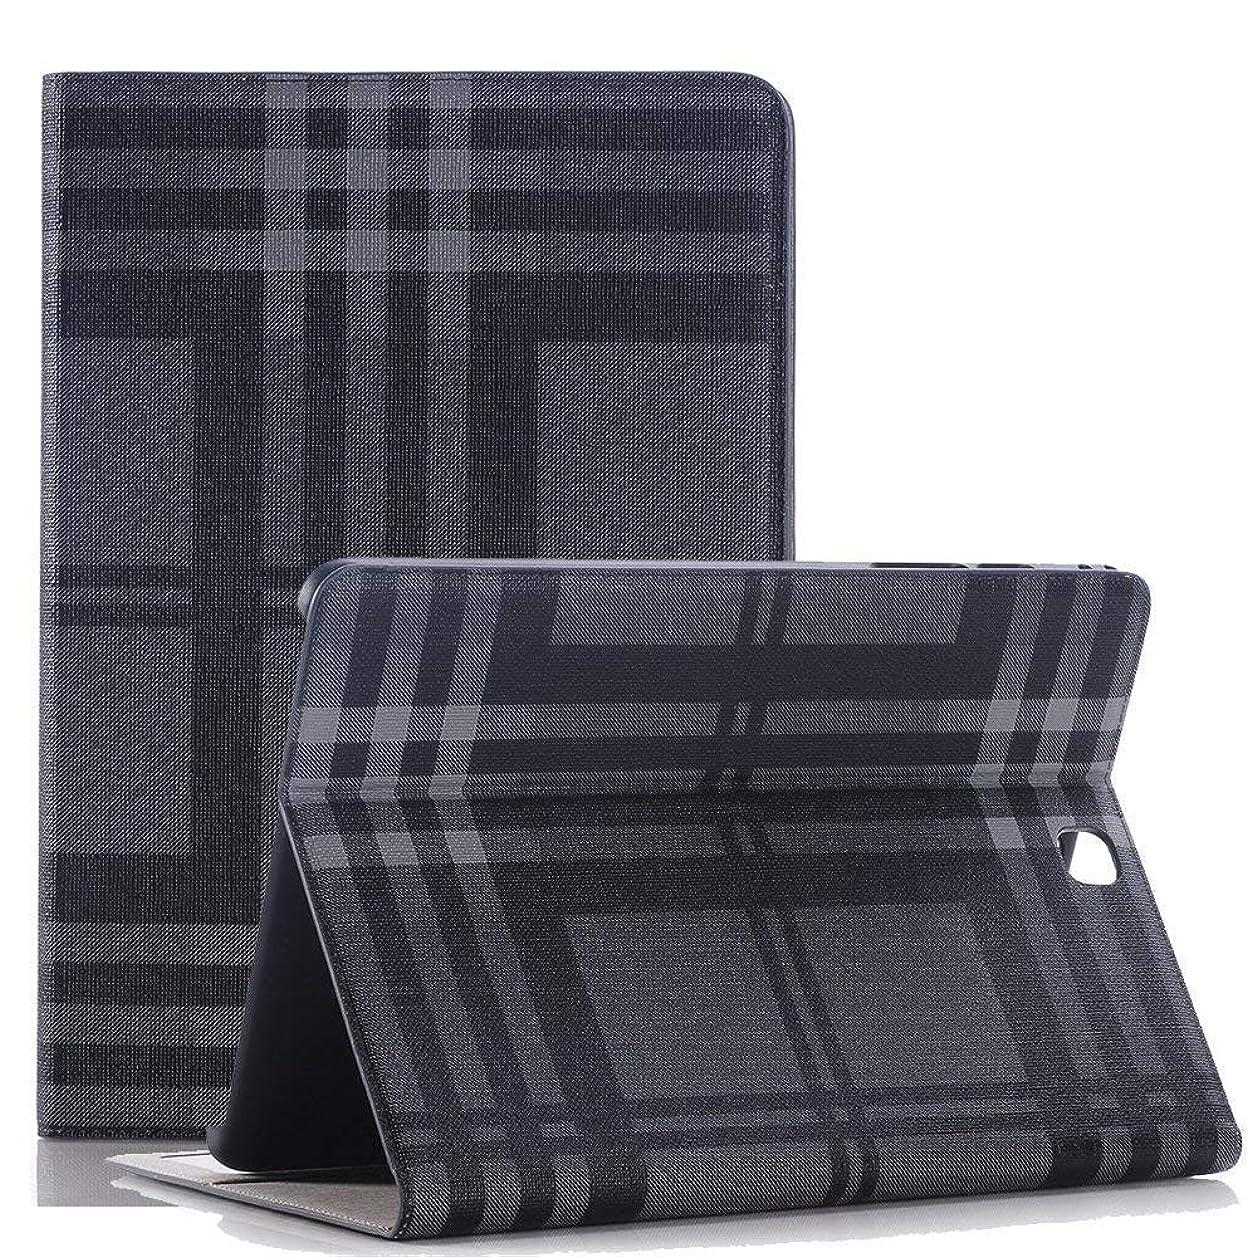 ハリケーンのみ具体的にiPad Mini 4ケース 角度調整可能、KingTo-JP PUレザー スマートスタンドケース 定期入れカバー 滑り止め 7.9インチiPad mini 4対応(グレー)